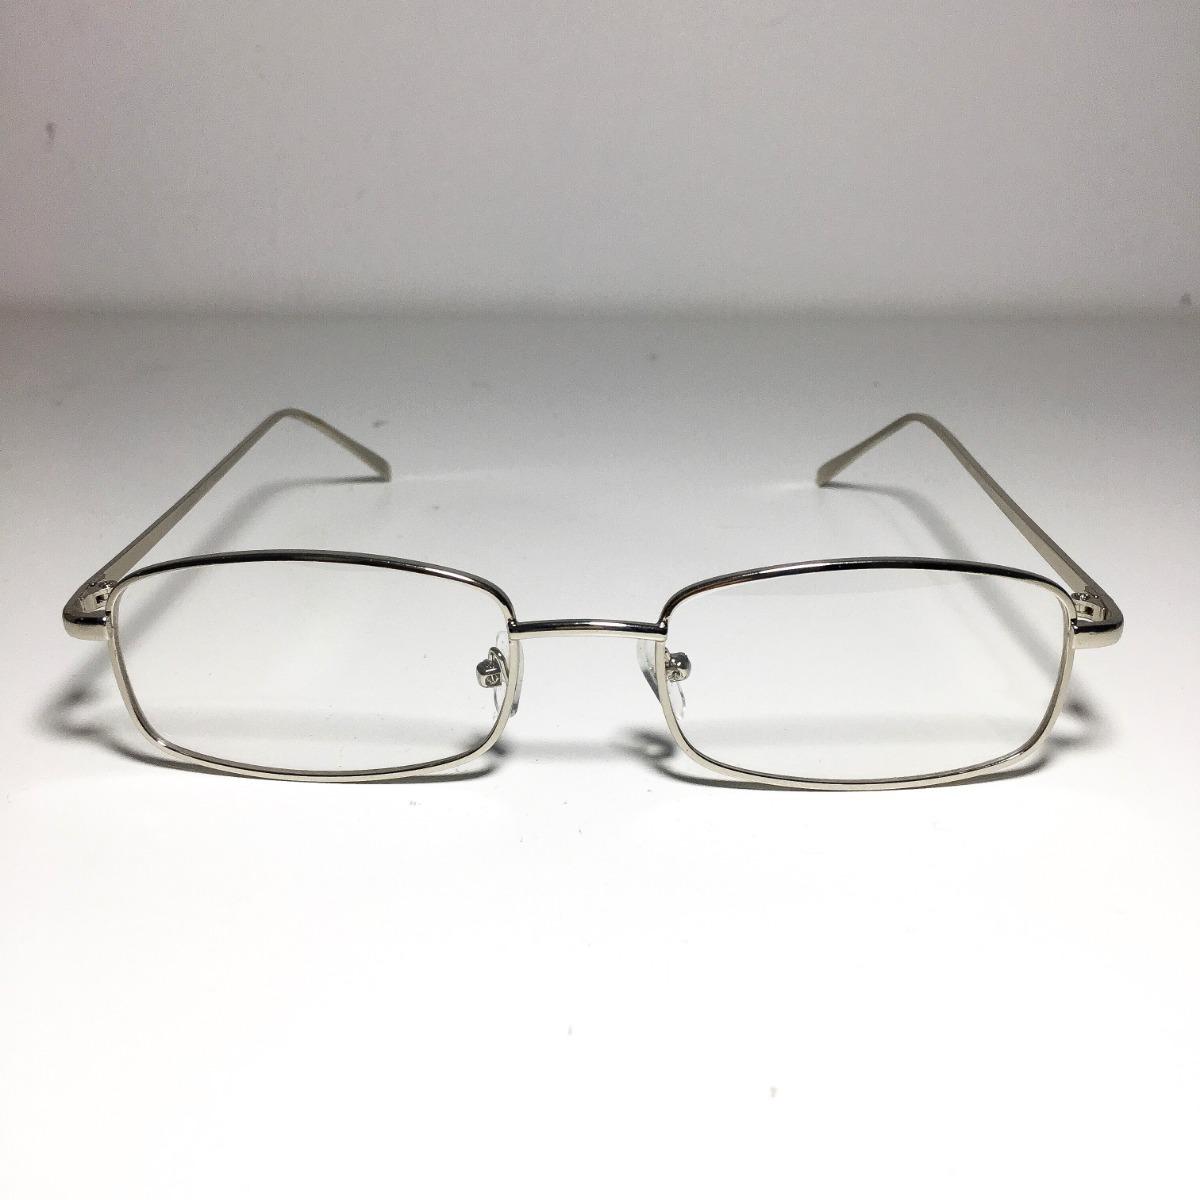 7965c579e1e93 armação óculos quadrado retro vintage anos 90 prata. Carregando zoom.